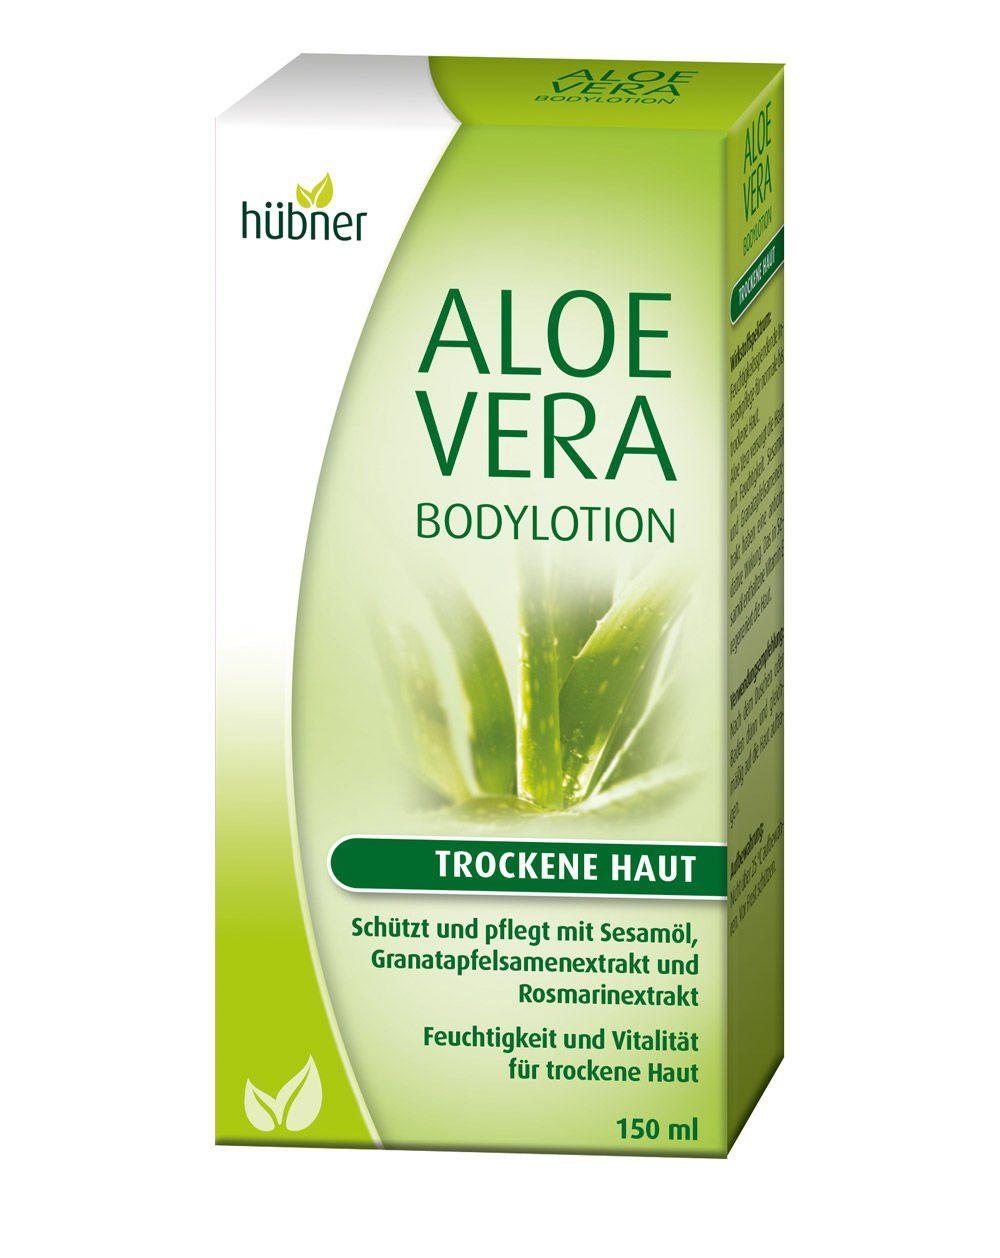 Anton Hübner GmbH & Co. KG Bodylotion »Aloe Vera«